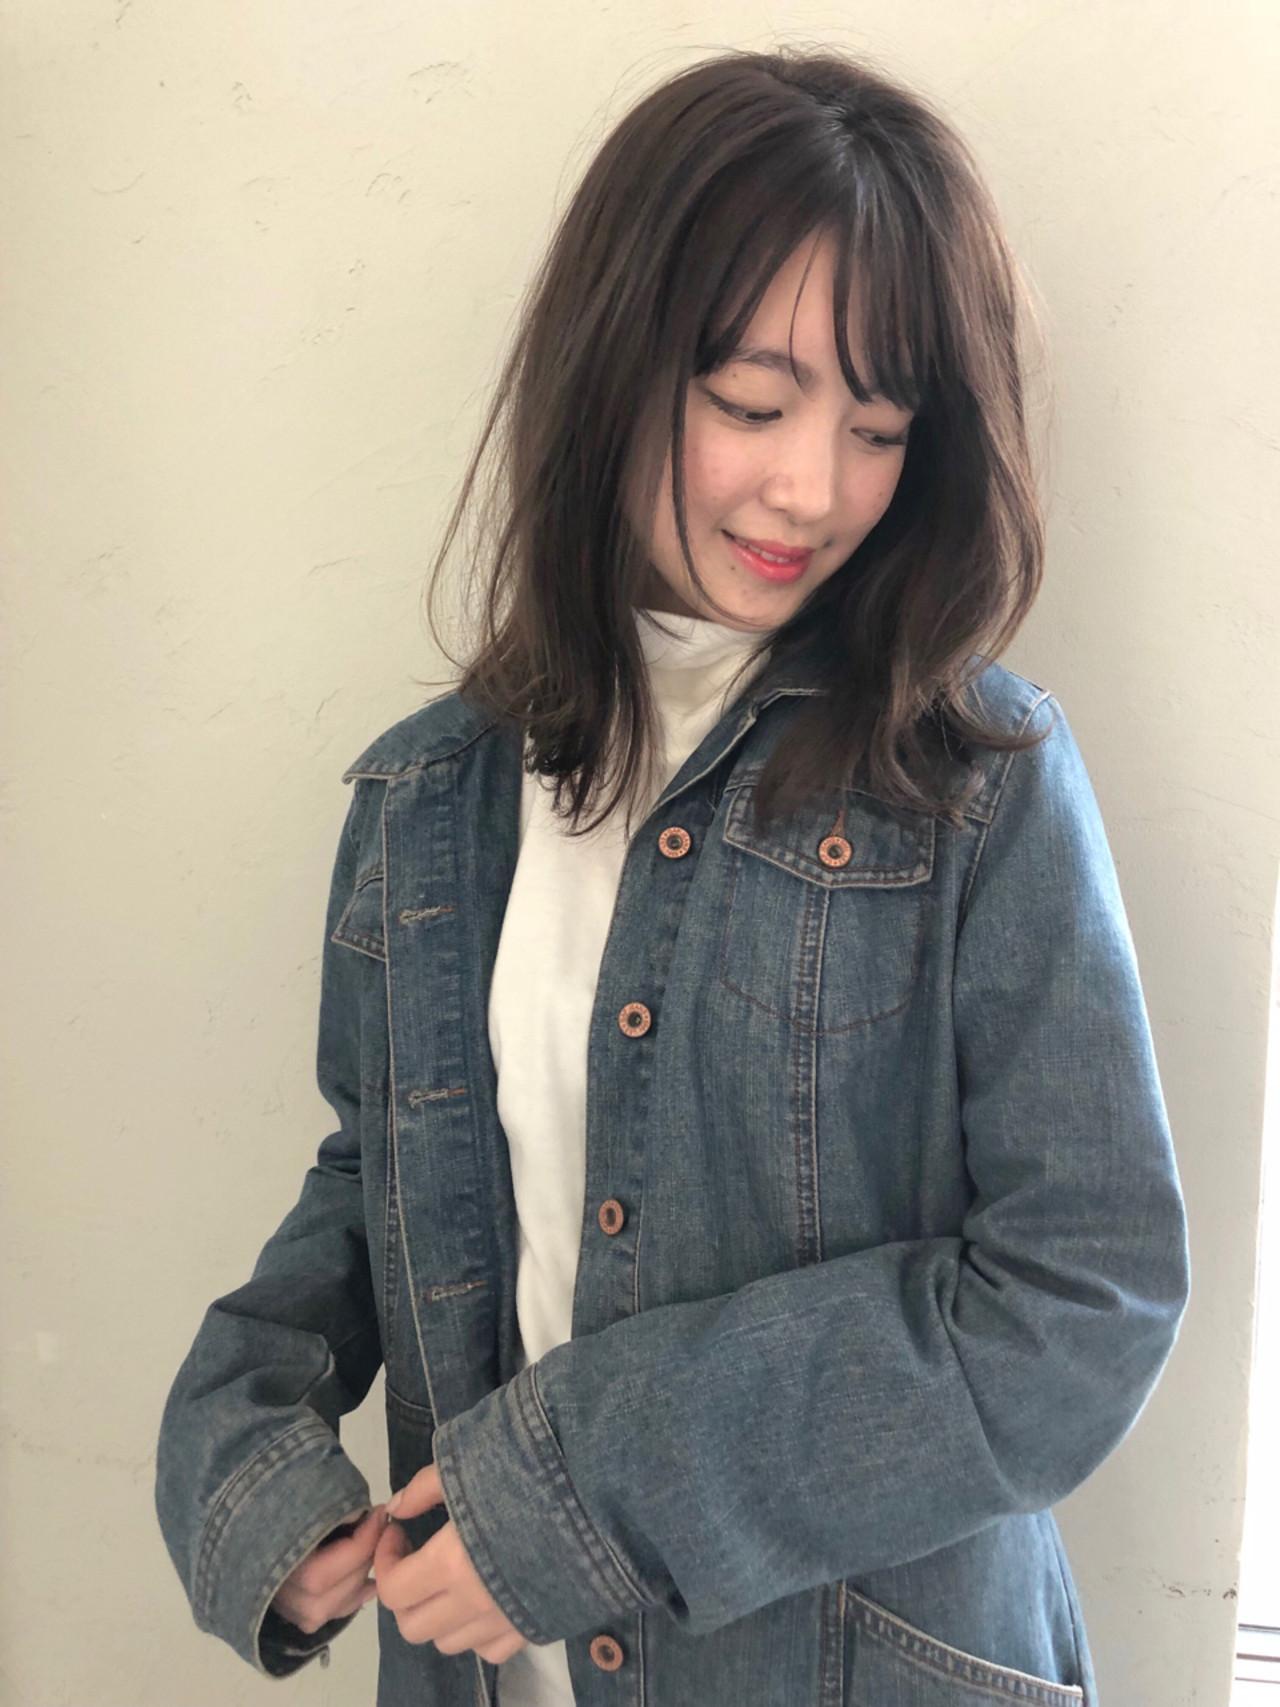 清楚感たっぷりな黒髪は男ウケを狙いやすい ナガヤ アキラ joemi 新宿 | joemi by Un ami